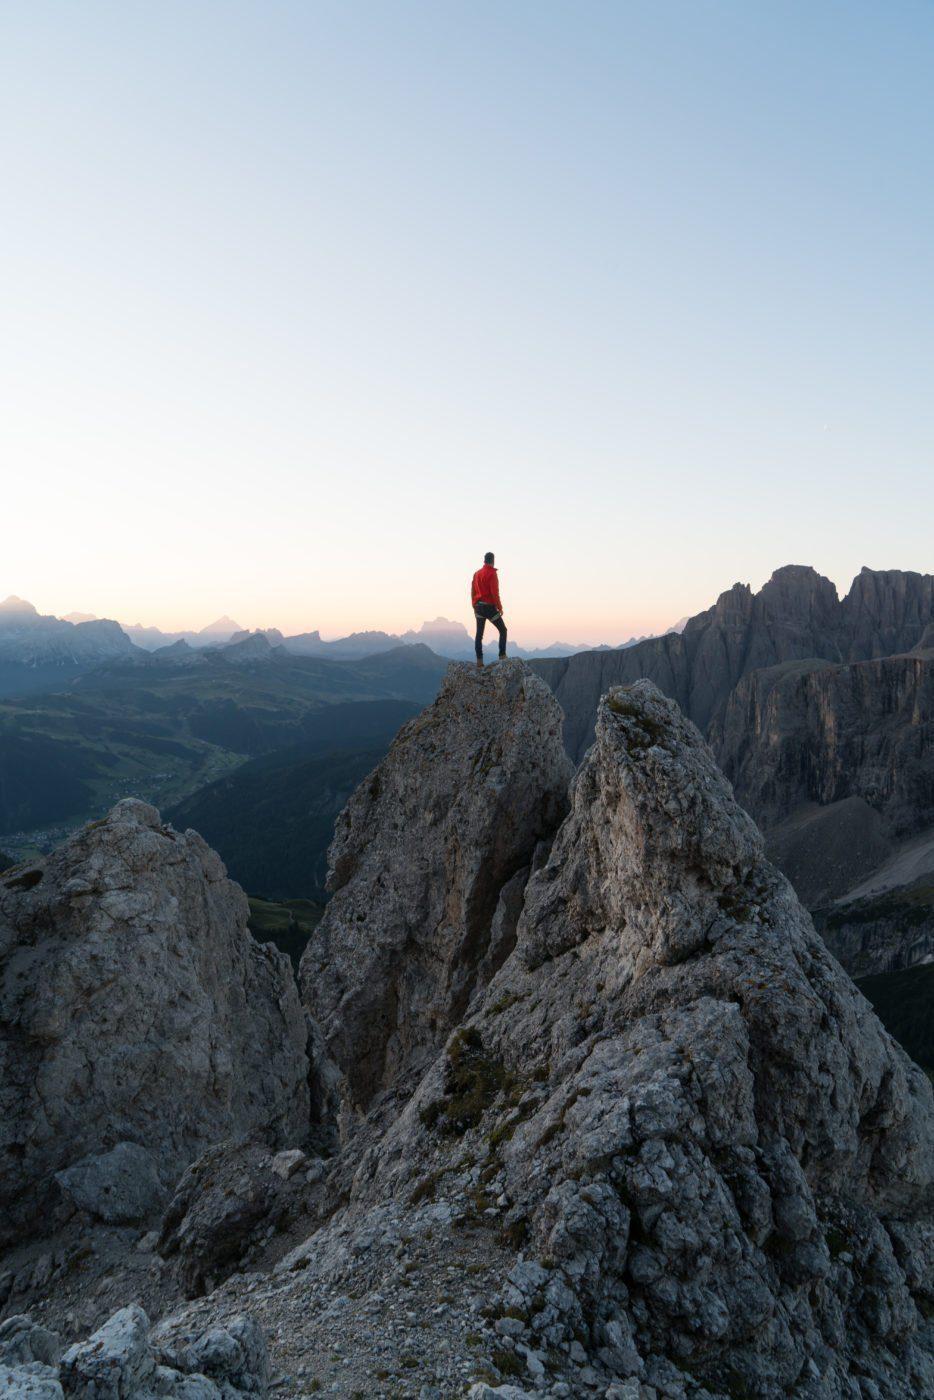 Cir Spitze, Pizes de Cir, famous Instagram spot in the Dolomites